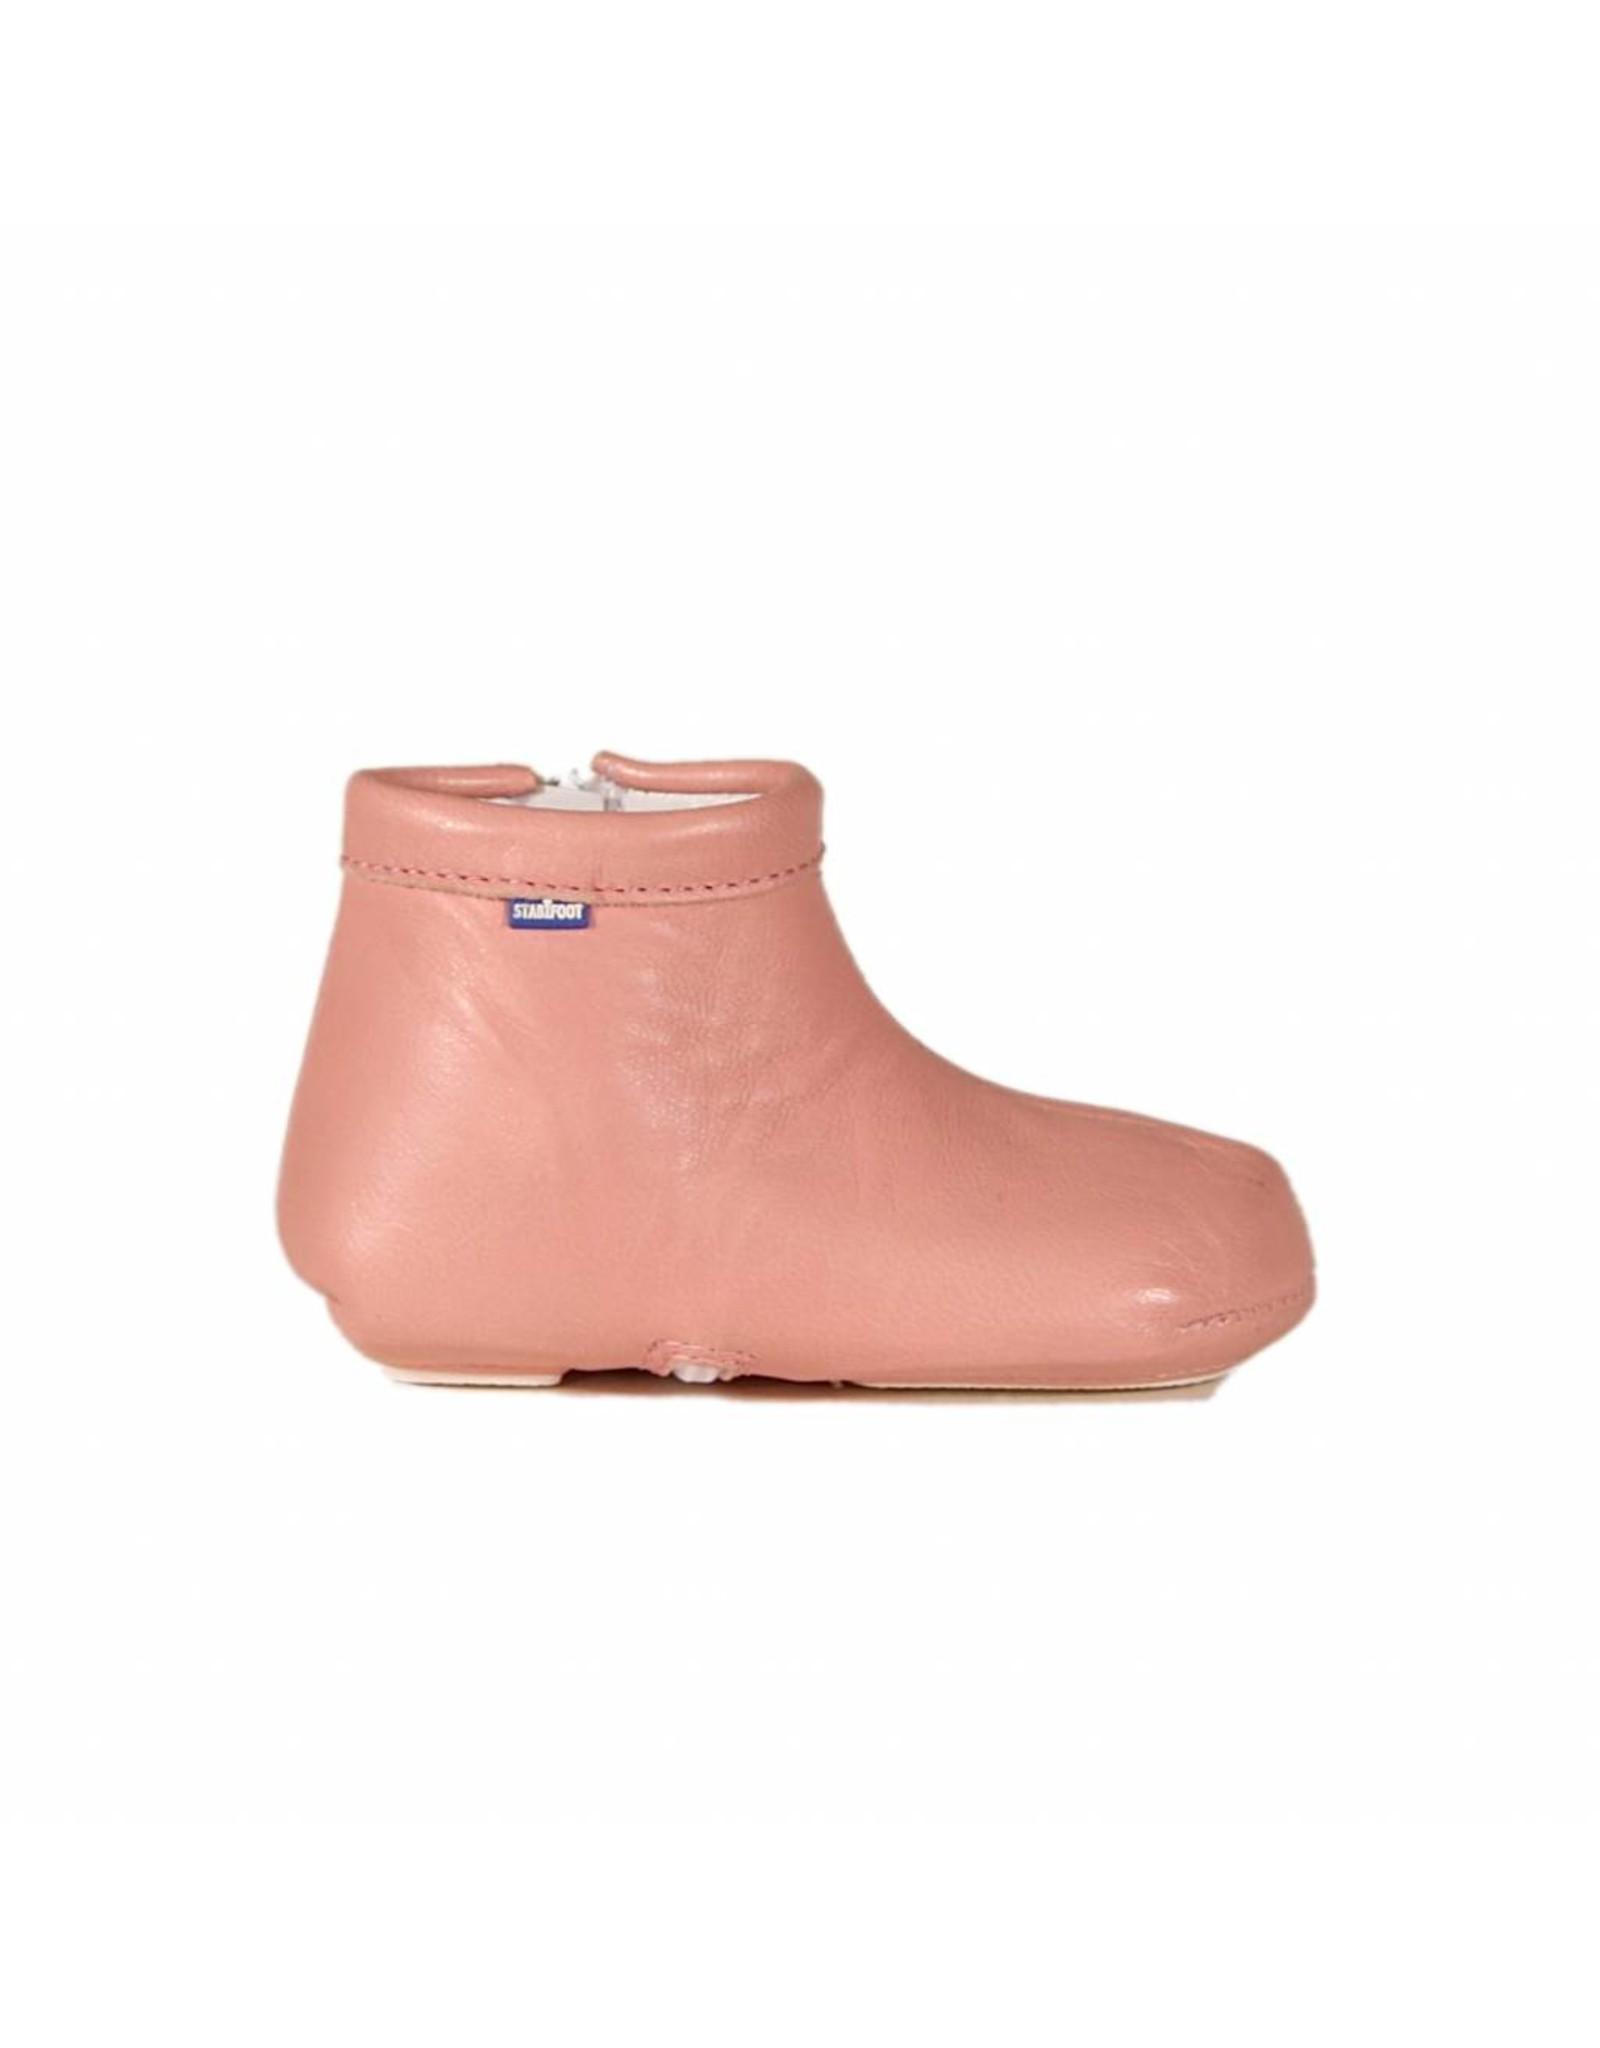 stabifoot pre walker 1115 pink